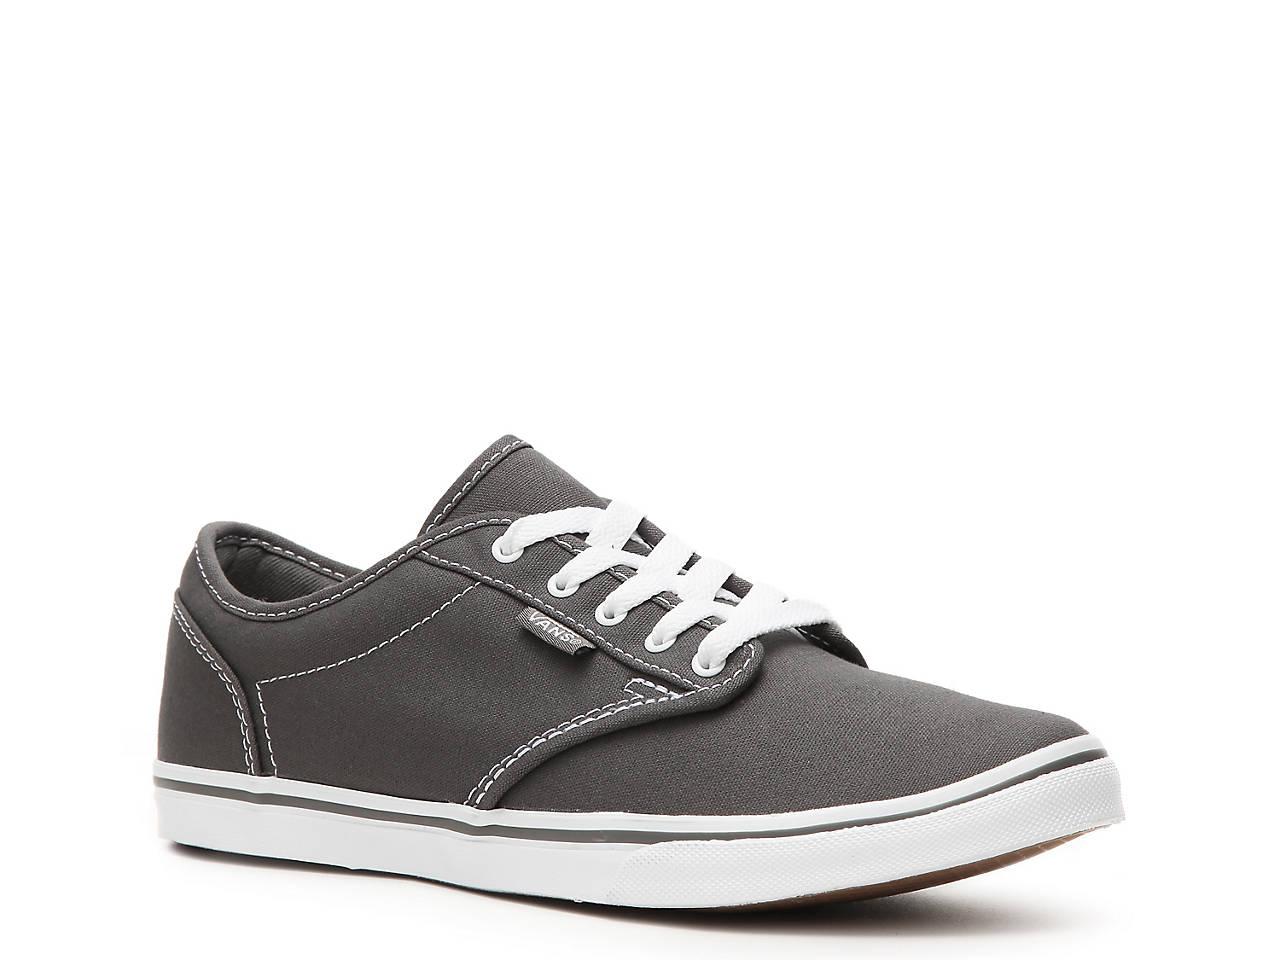 c5a0c51e6d Vans Atwood Lo Sneaker - Women s Women s Shoes